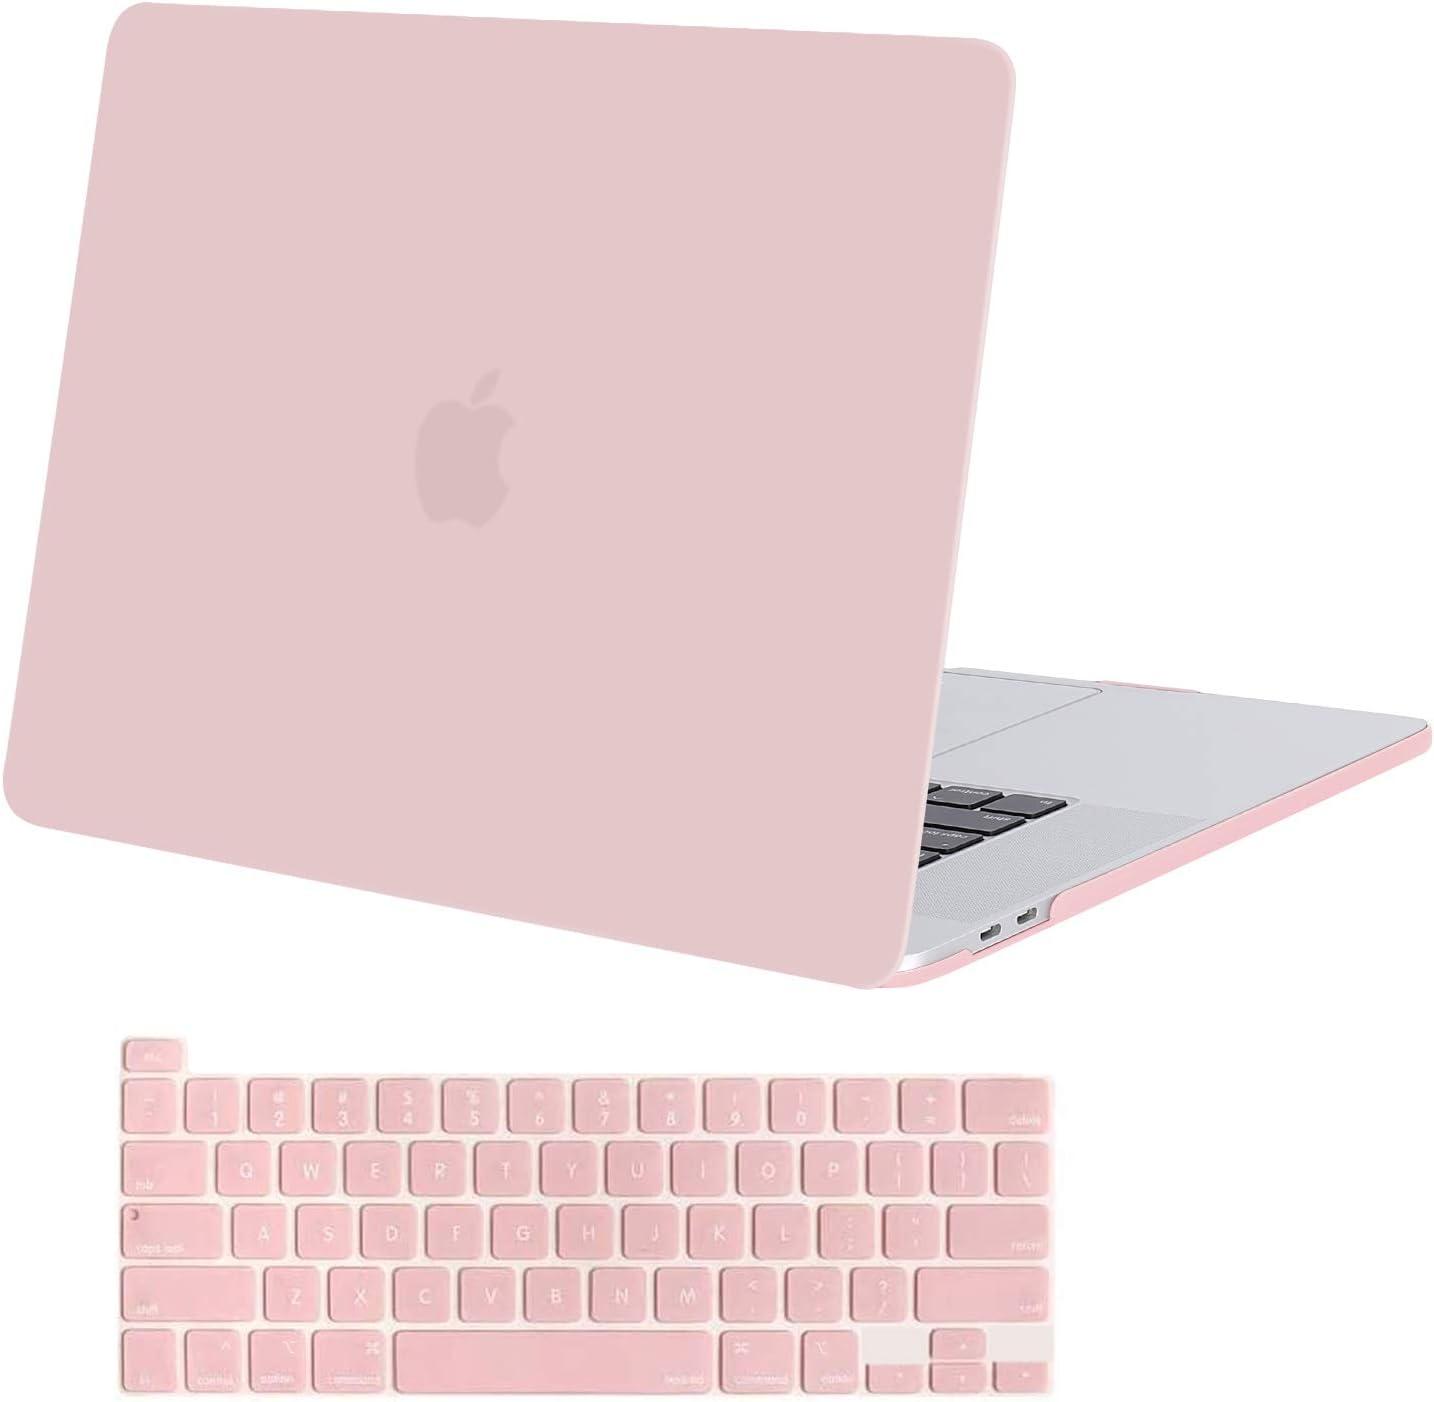 funda + protector de teclado para MacBook Pro 16 inch  2019